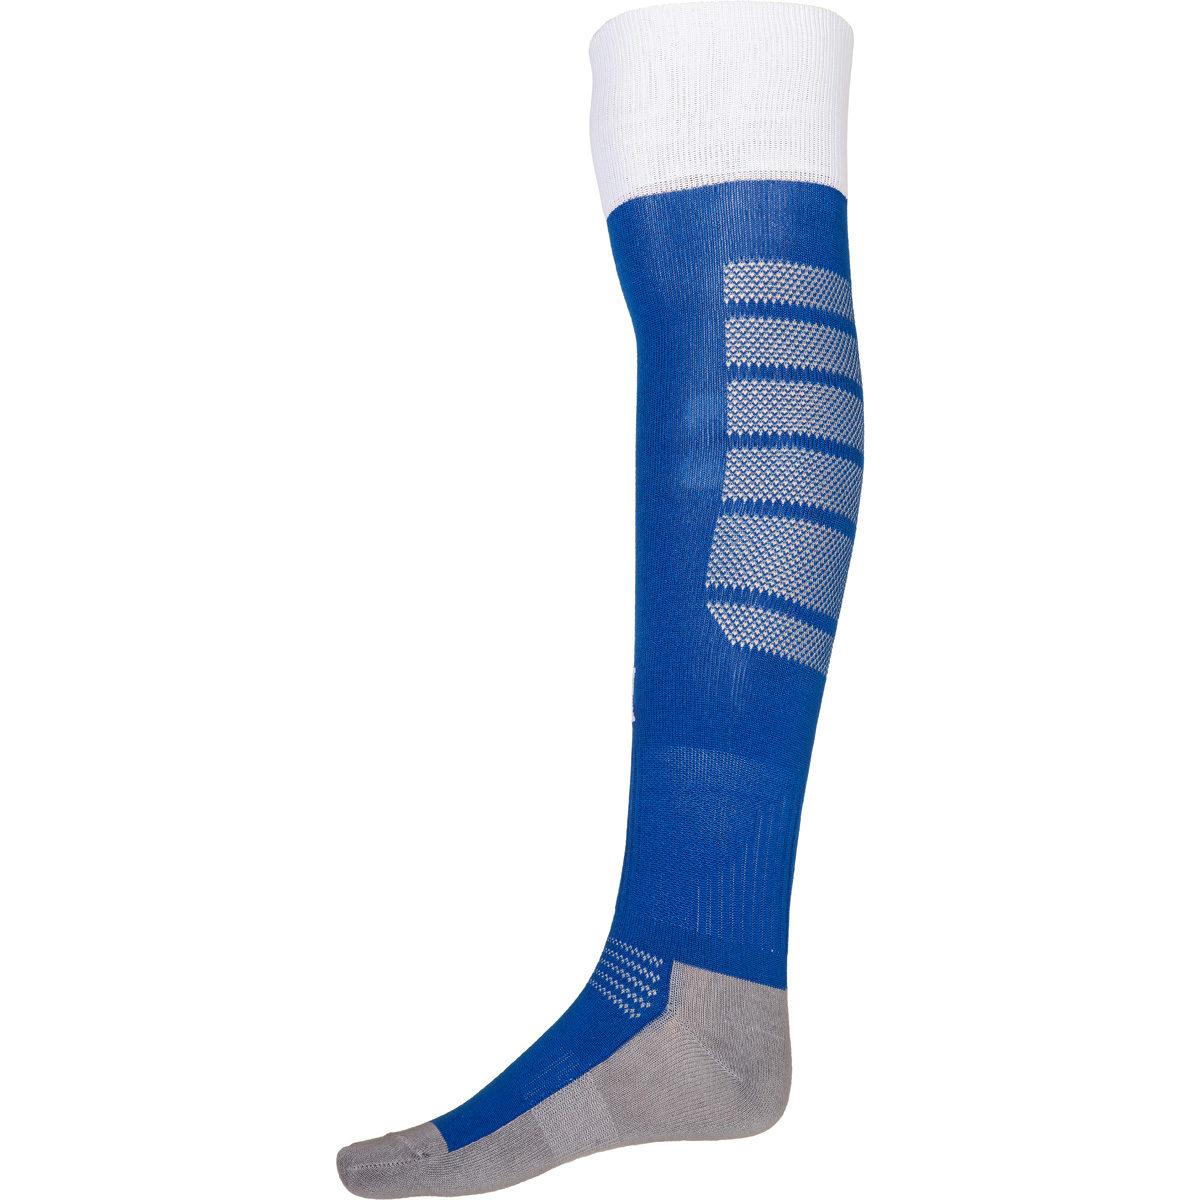 NIKE Гетры  Г002: синий/белый - 1